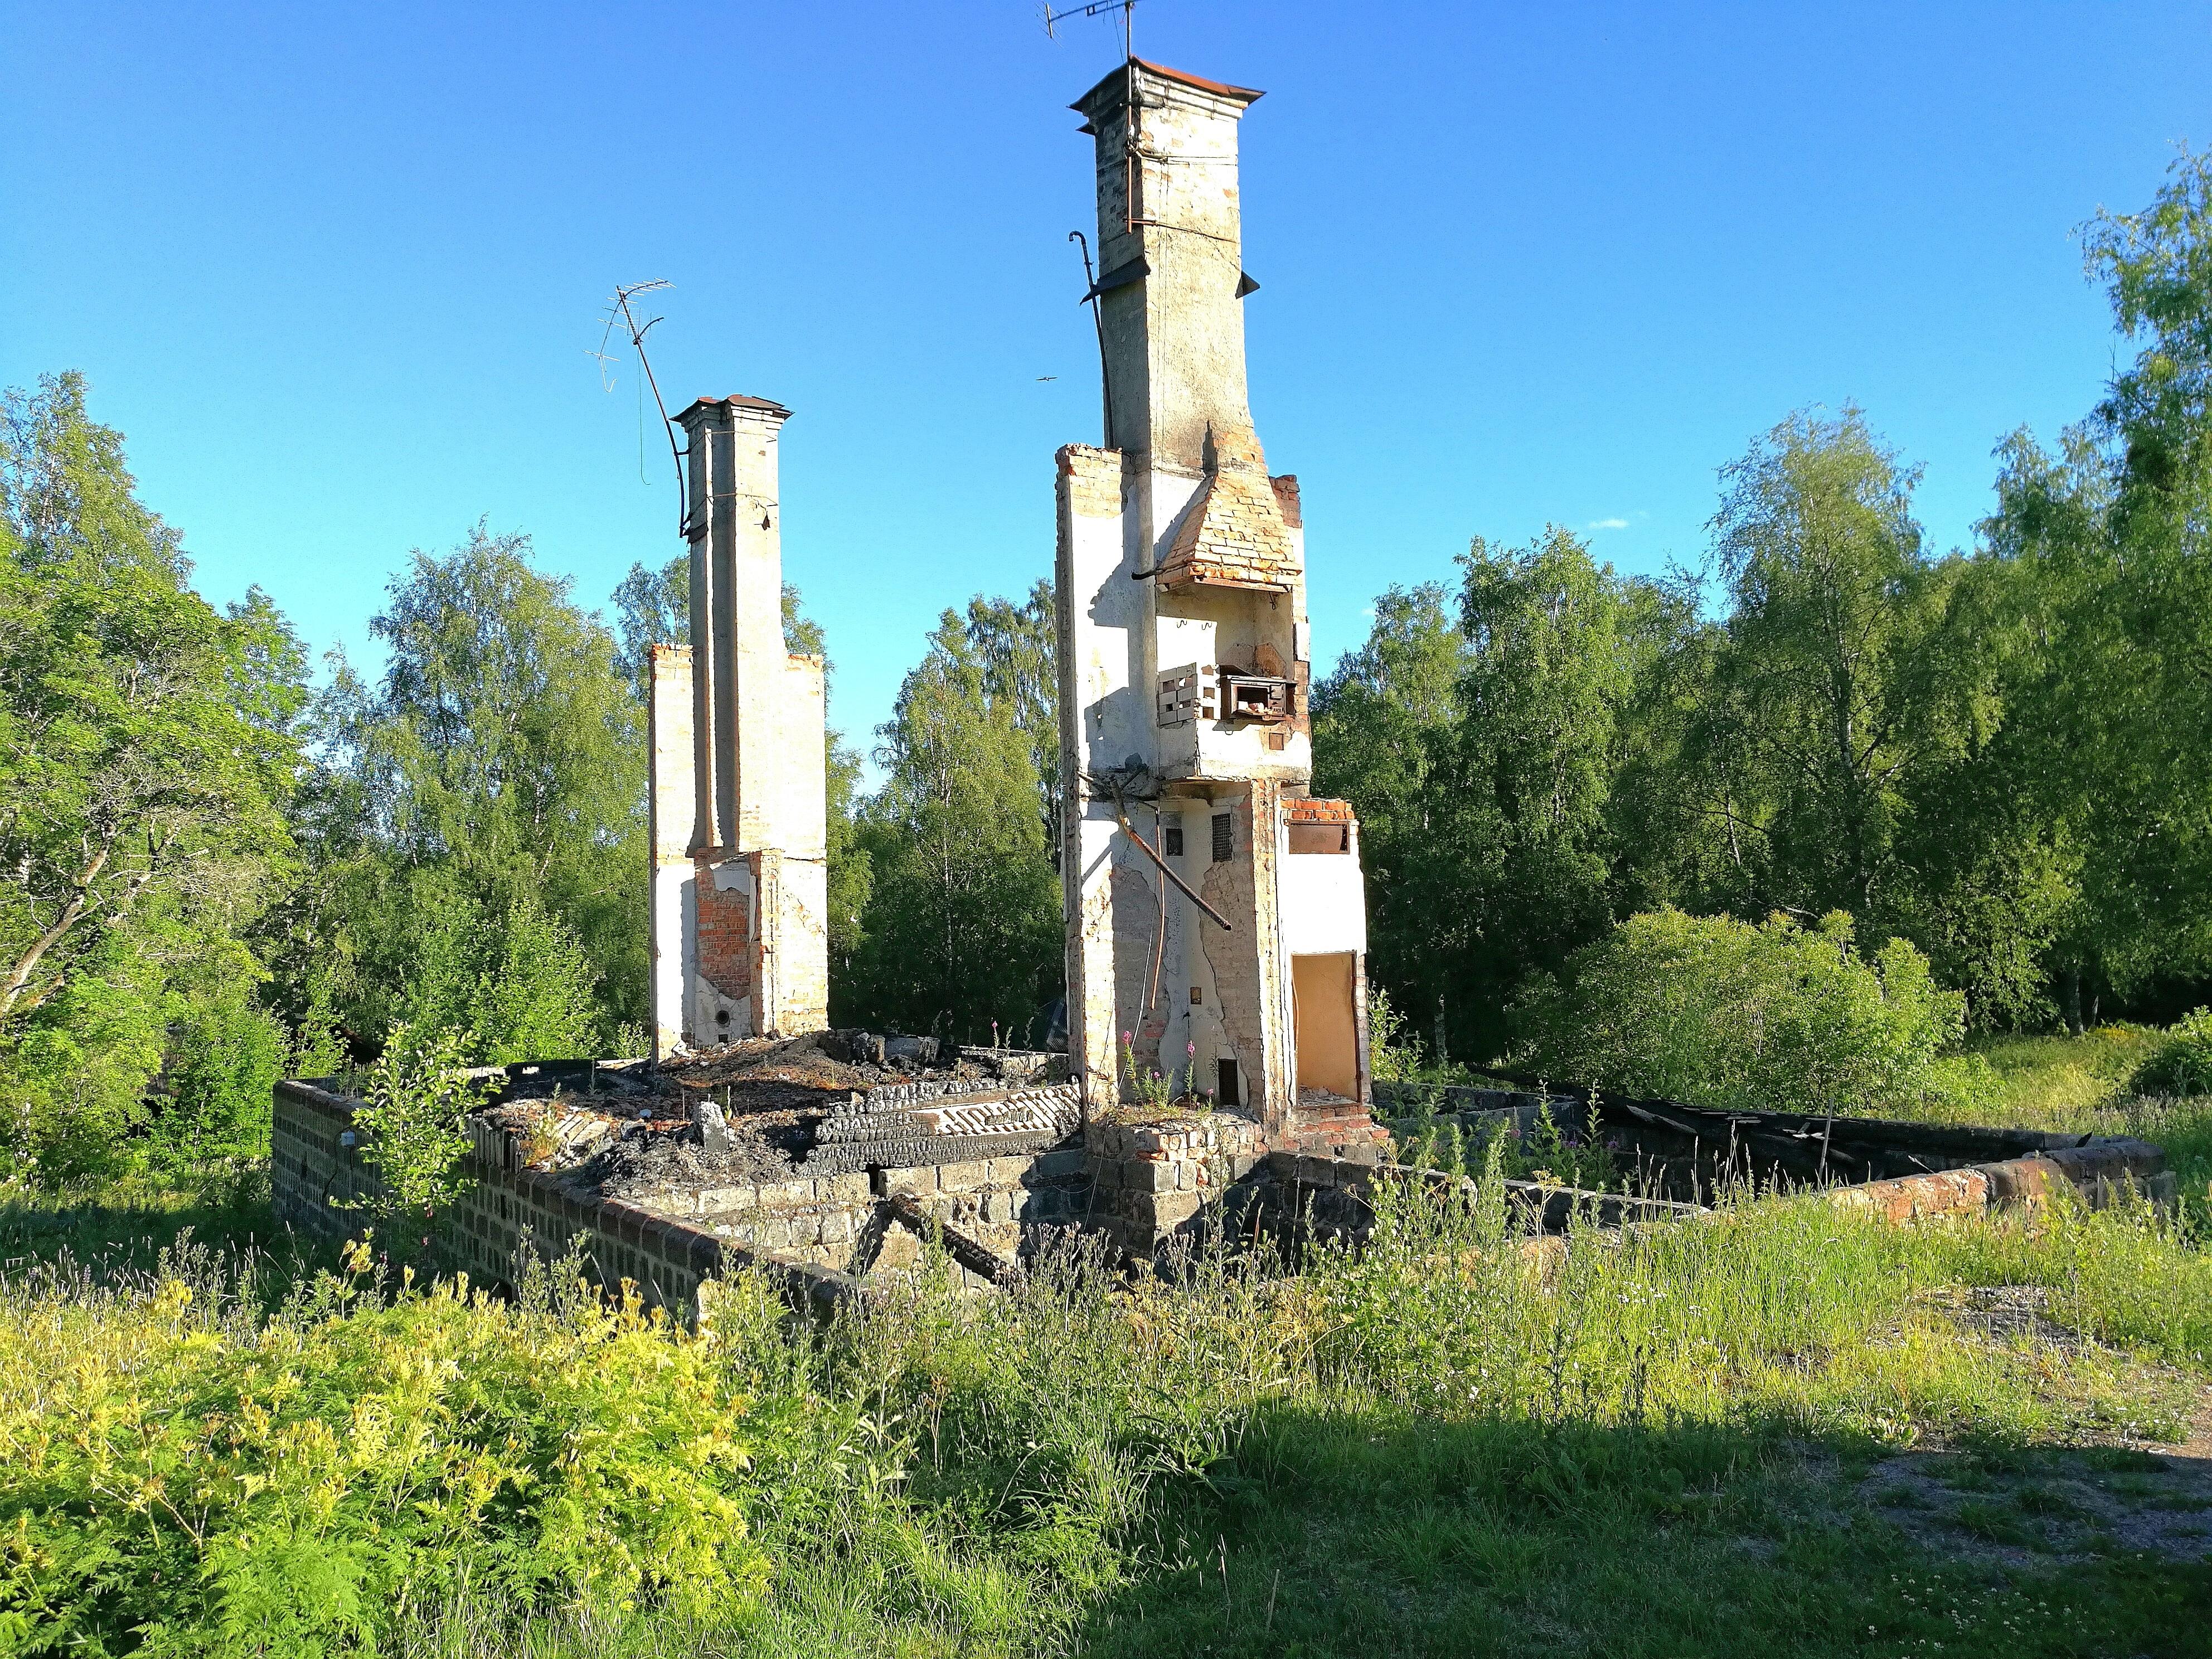 Nybygget som brann ner 2012 (1)